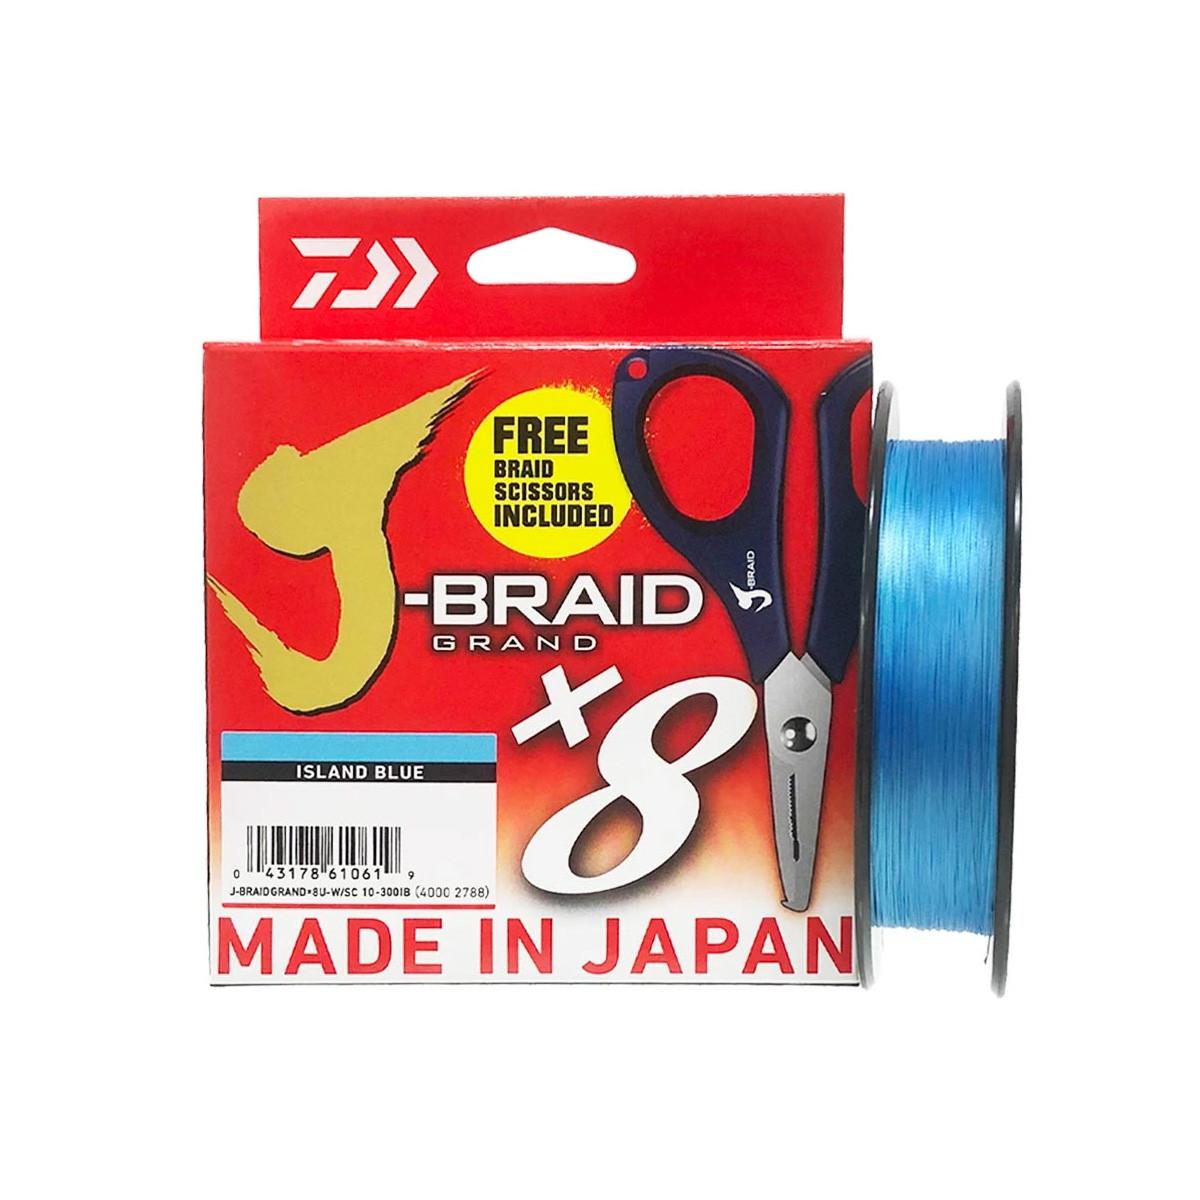 DAIWA J-BRAID GRAND X8 135M ISLAND BLUE + FORBICI